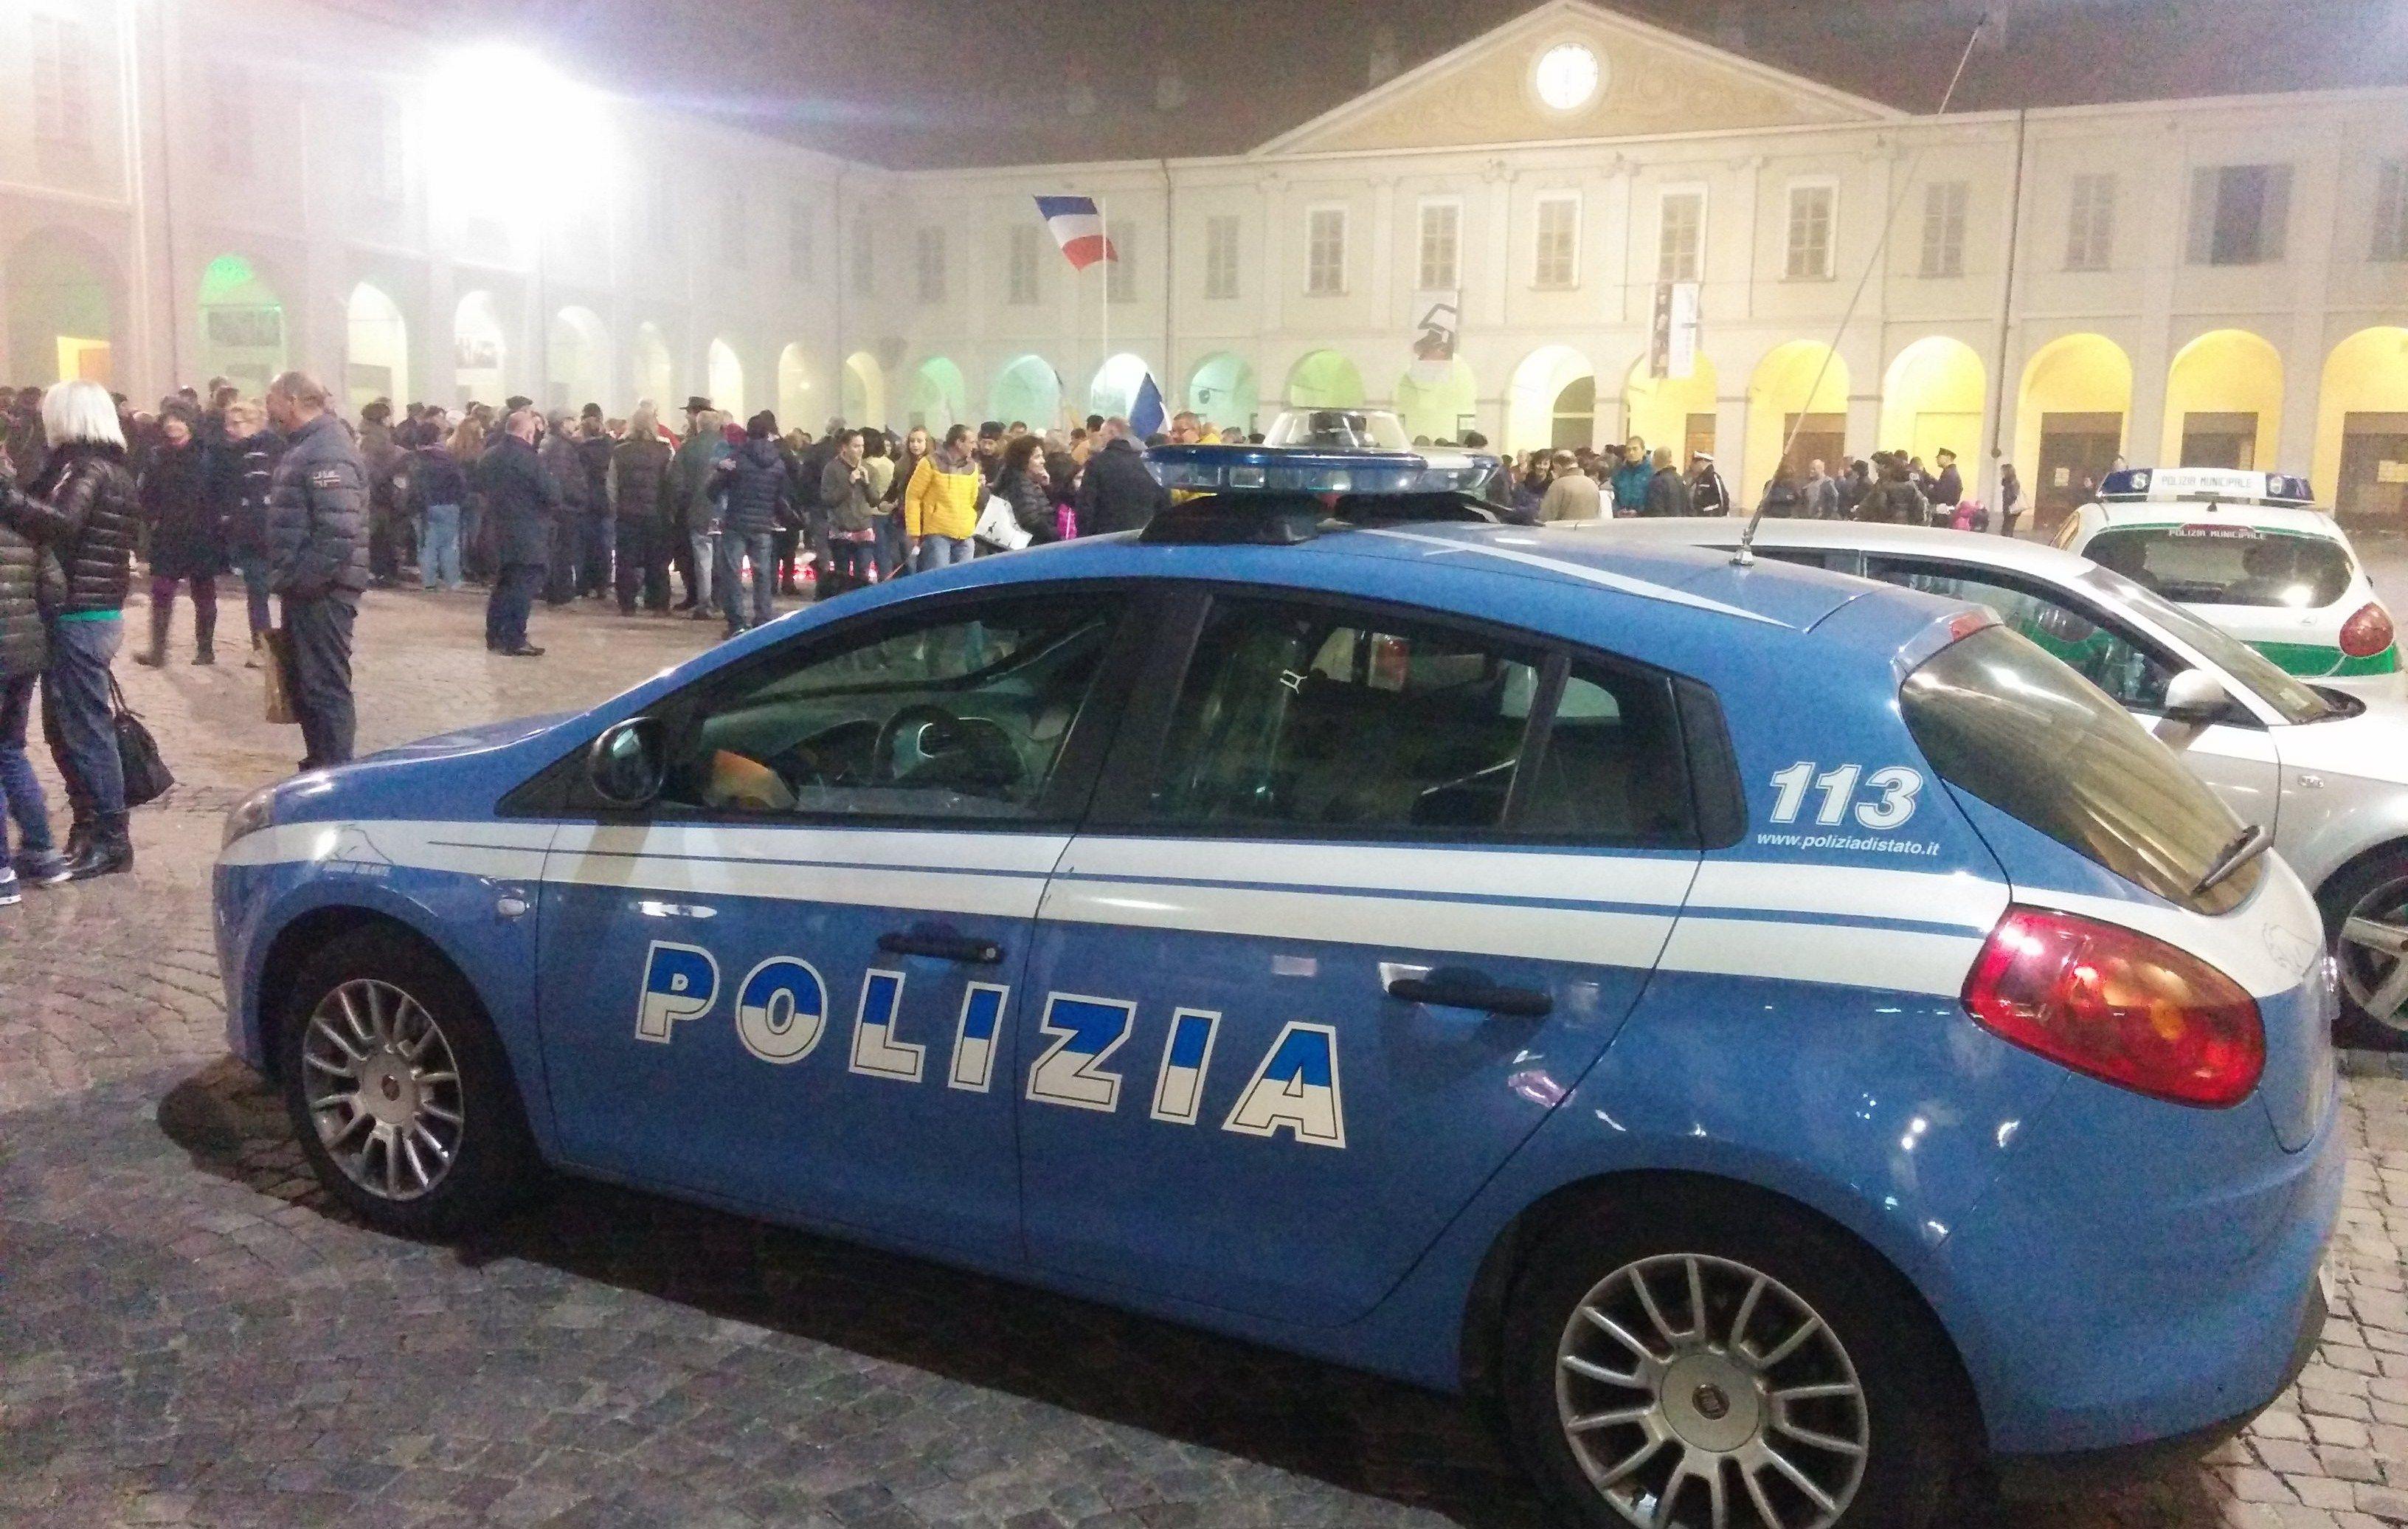 IVREA - La polizia sventa un sequestro di persona: un uomo arrestato